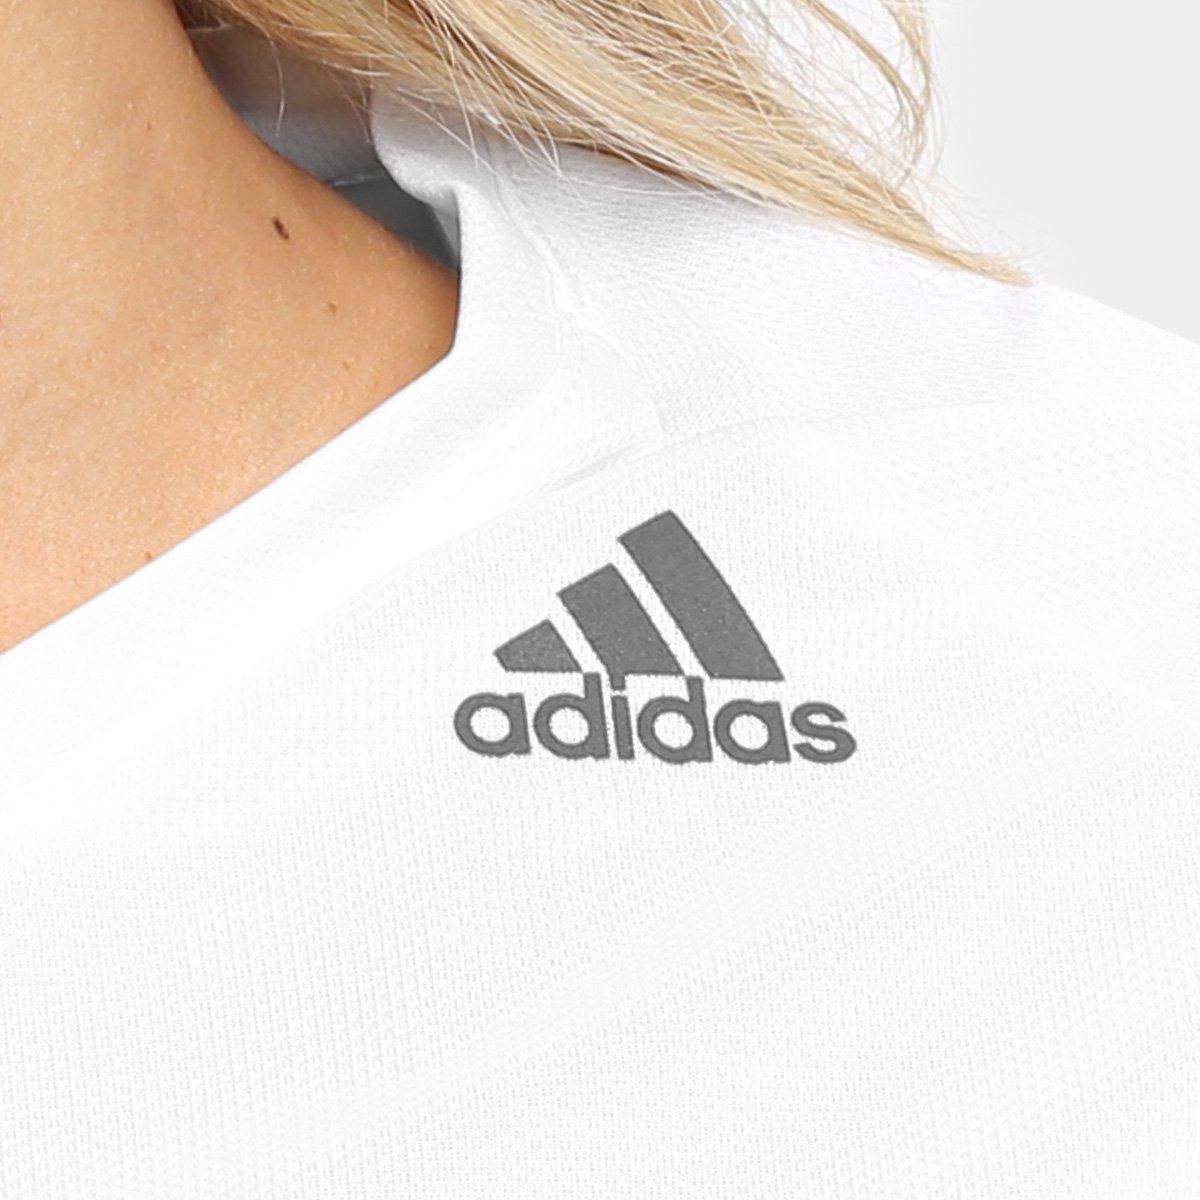 Adidas Branco Camiseta Adidas Lose Feminina D2M Lose D2M Camiseta Camiseta Adidas Branco Feminina Oxx78